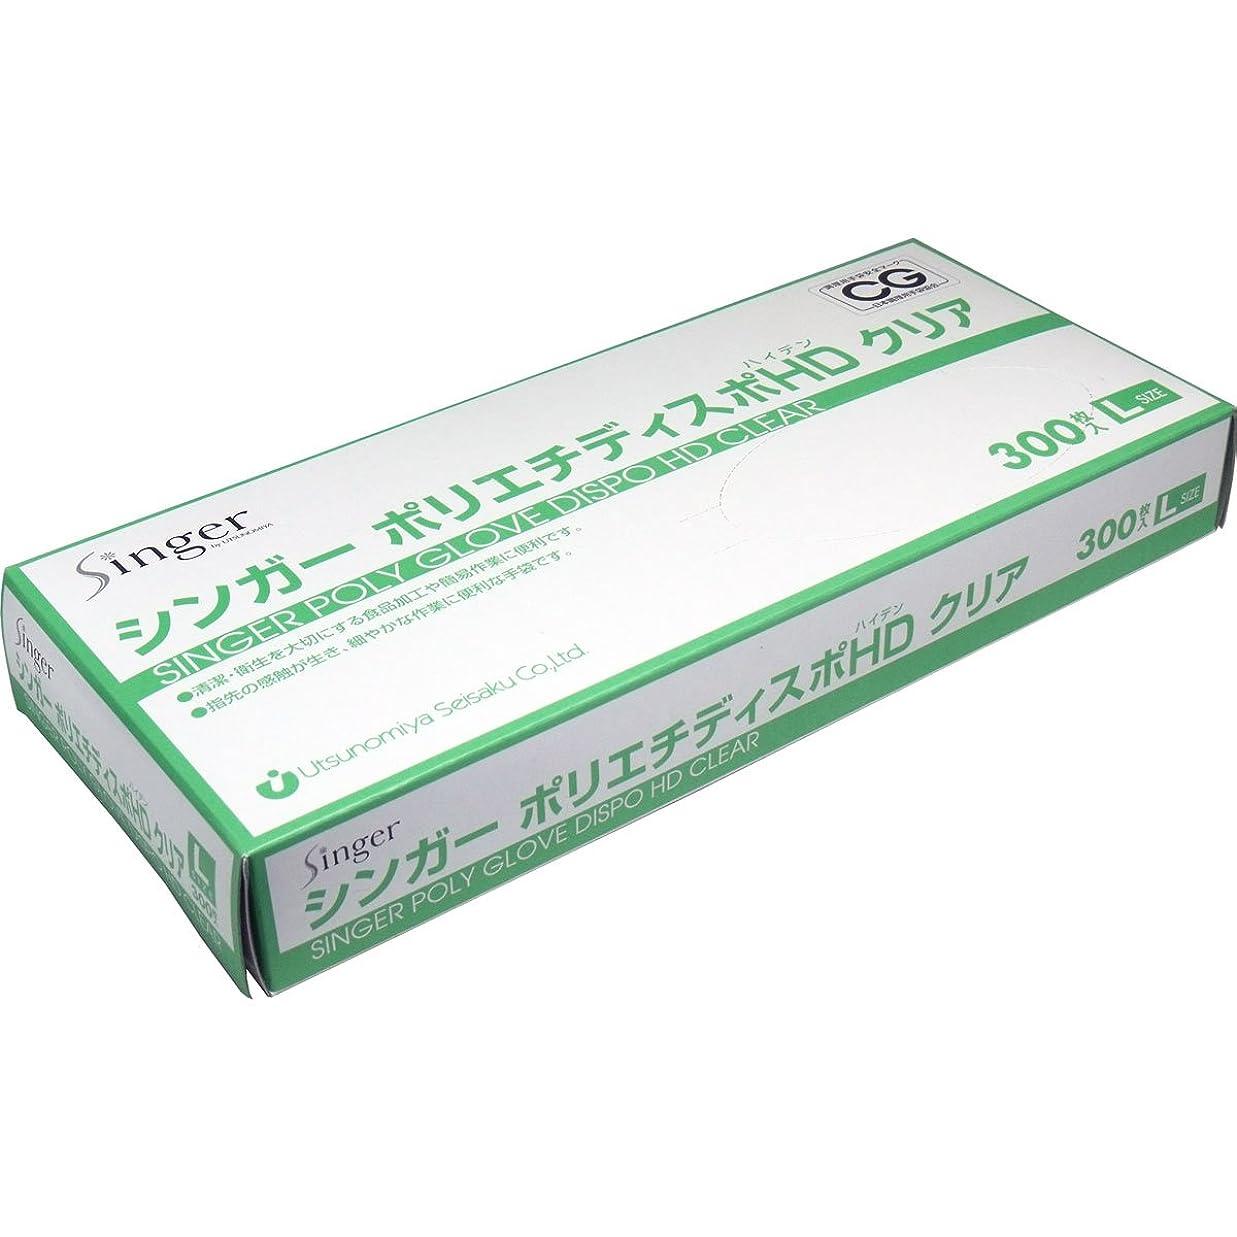 手紙を書くカポックレモン食品衛生法適合手袋 シンガーポリエチディスポHDクリア Lサイズ 300枚入 3個セット